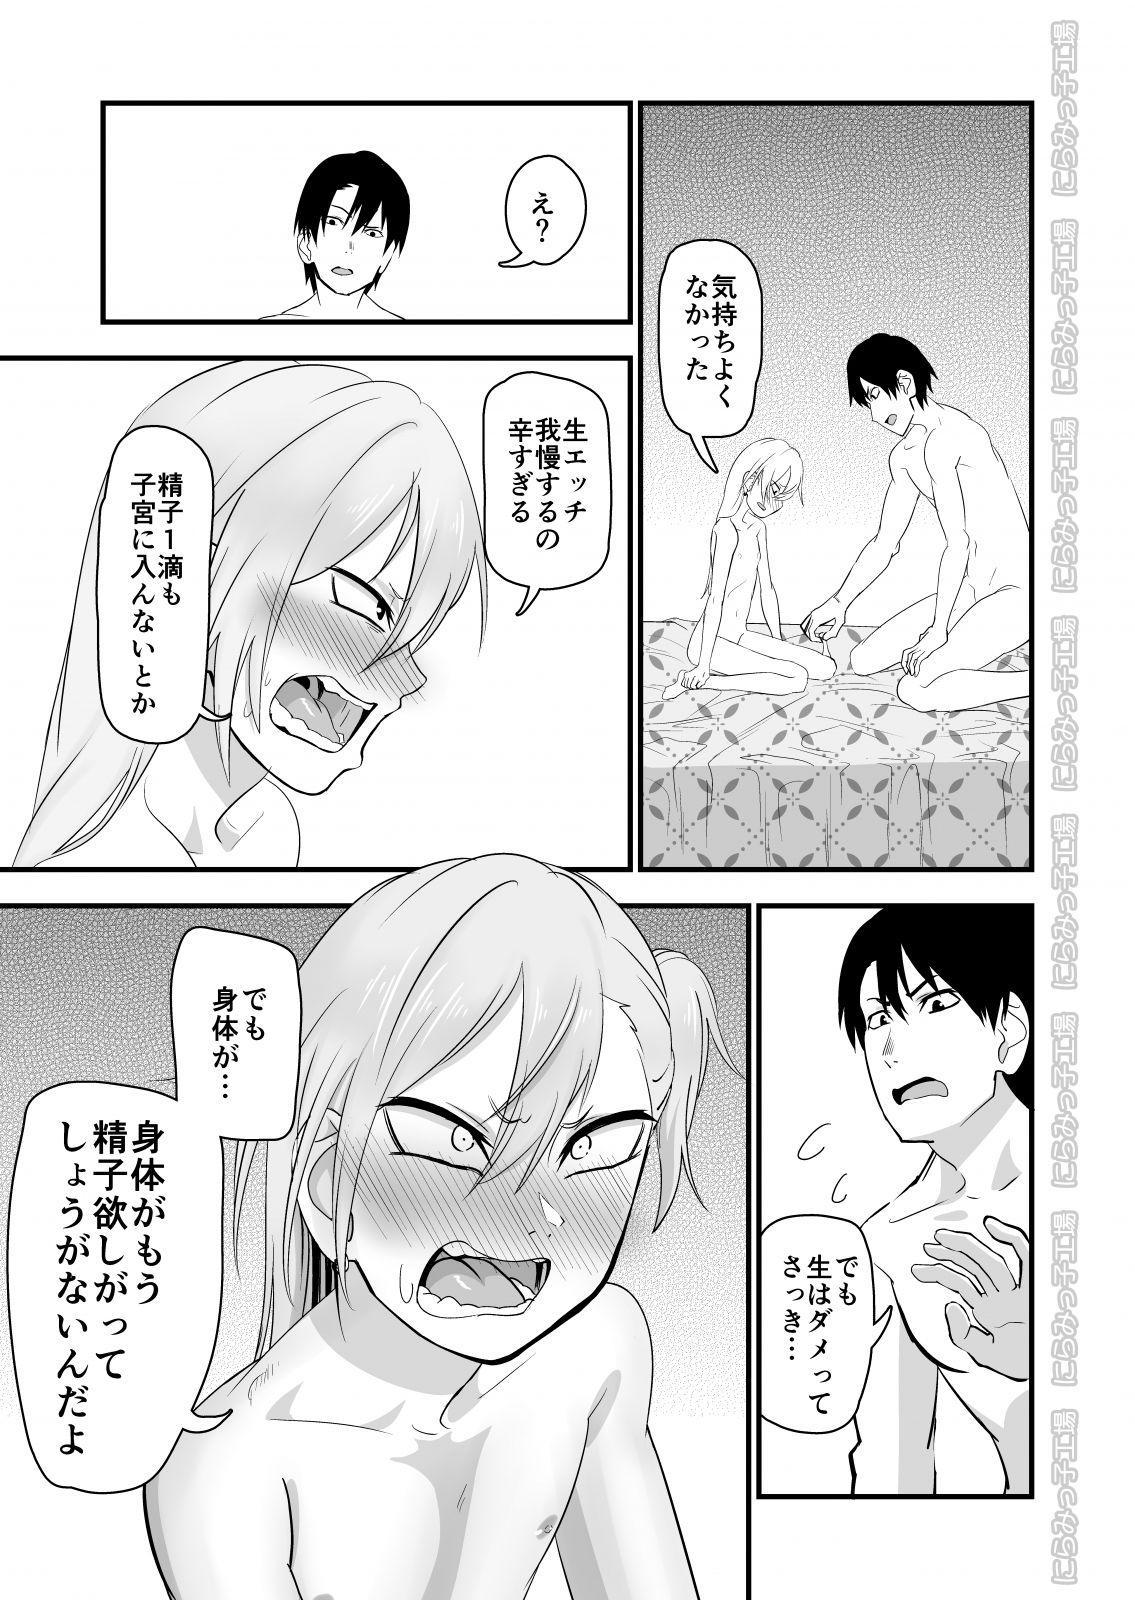 Kinpatsu Yancha-kei na Kanojo to no Kurashikata 2・Kouhen 38